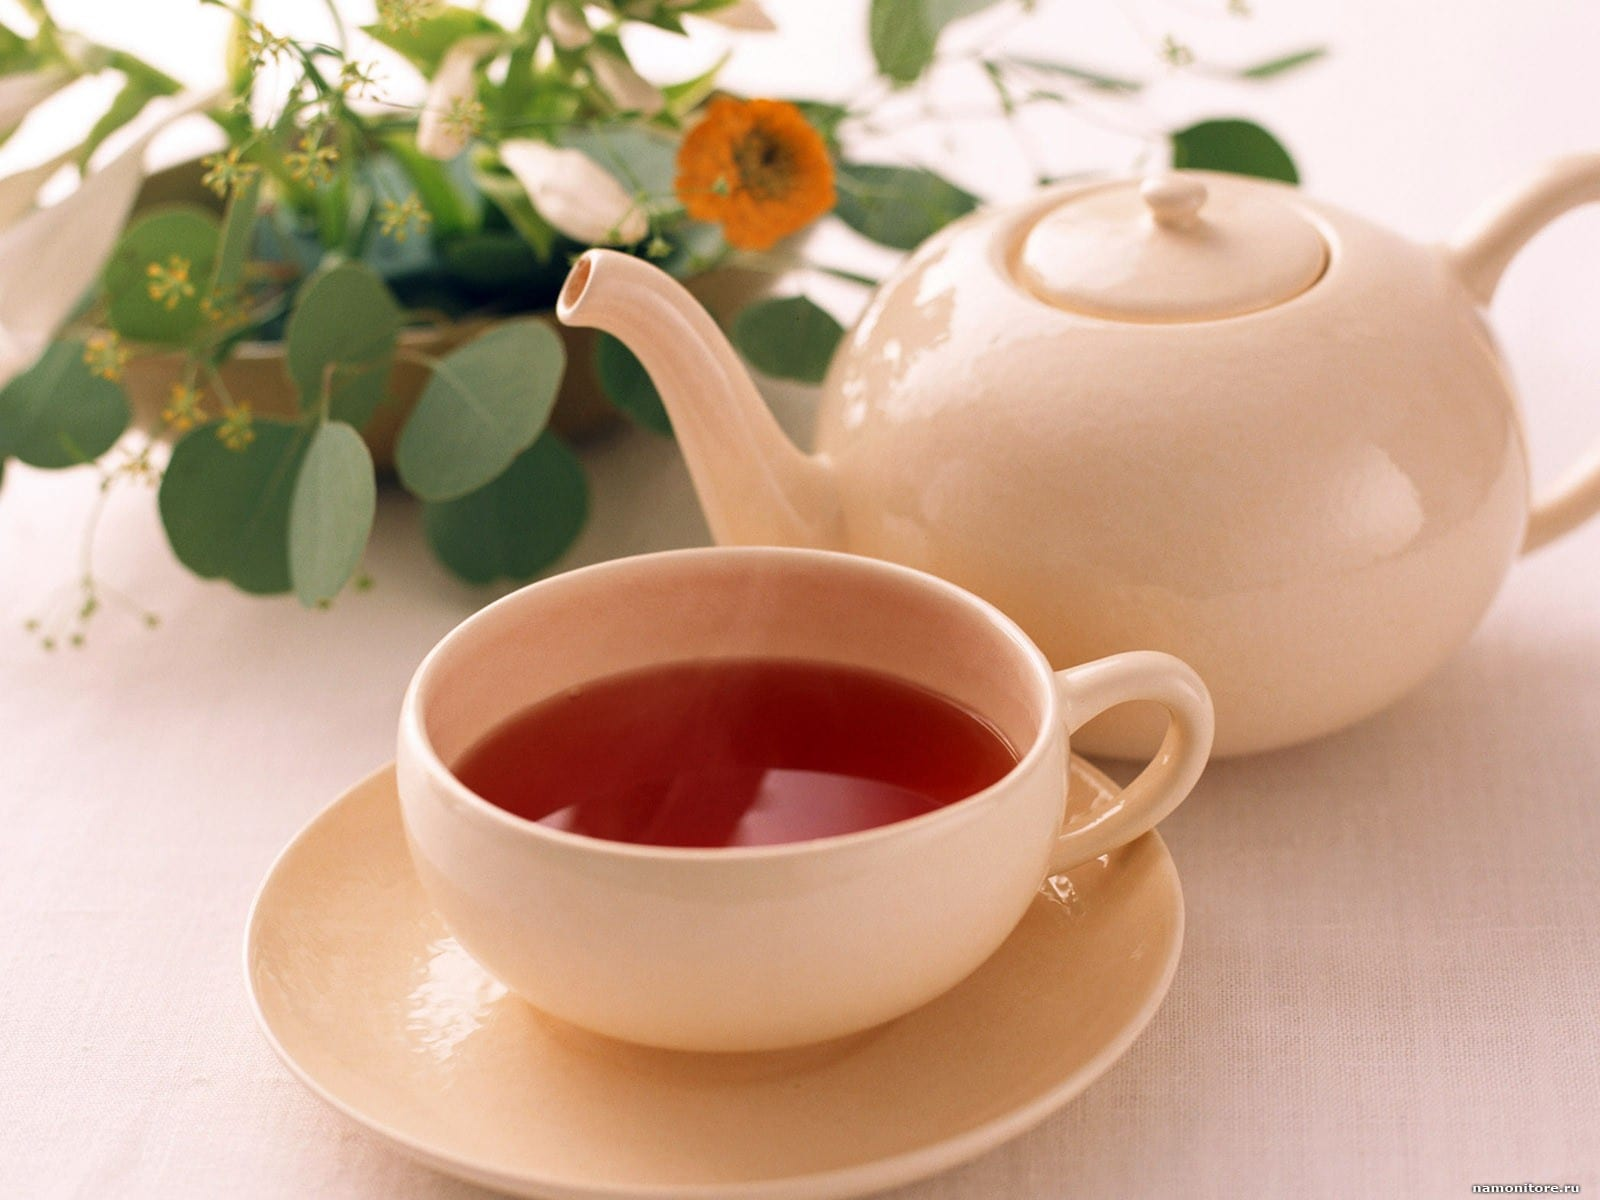 Çay Bardağı Nasıl Parlatılır